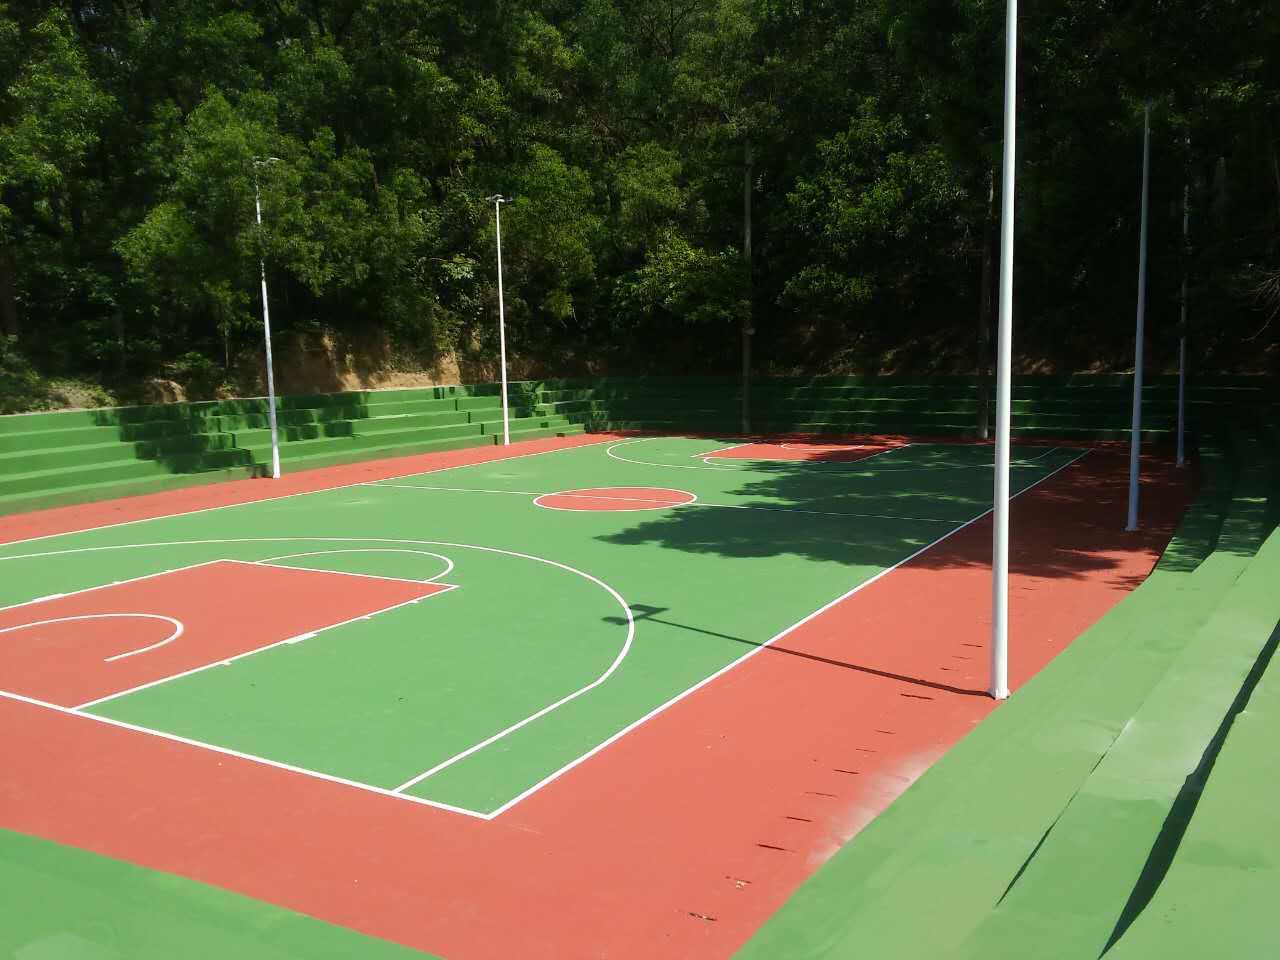 珠海市社区全民健身工程接近尾声  香洲竹苑社区丙烯酸篮球场及看台阶梯美化工程完工